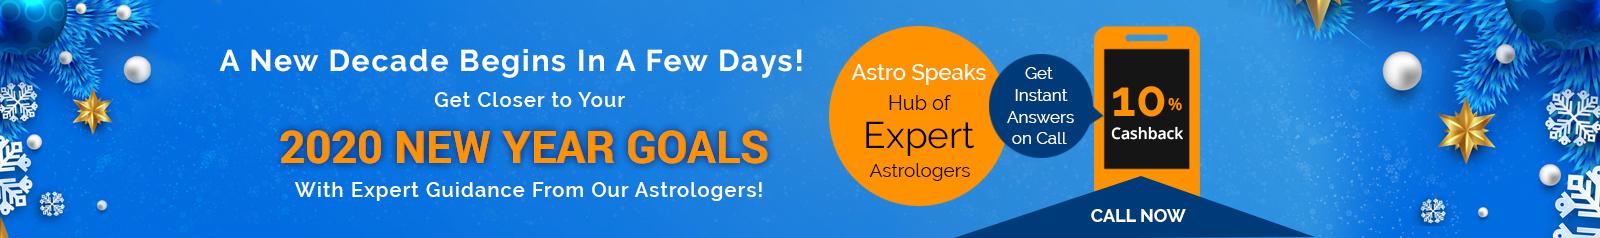 astro speaks